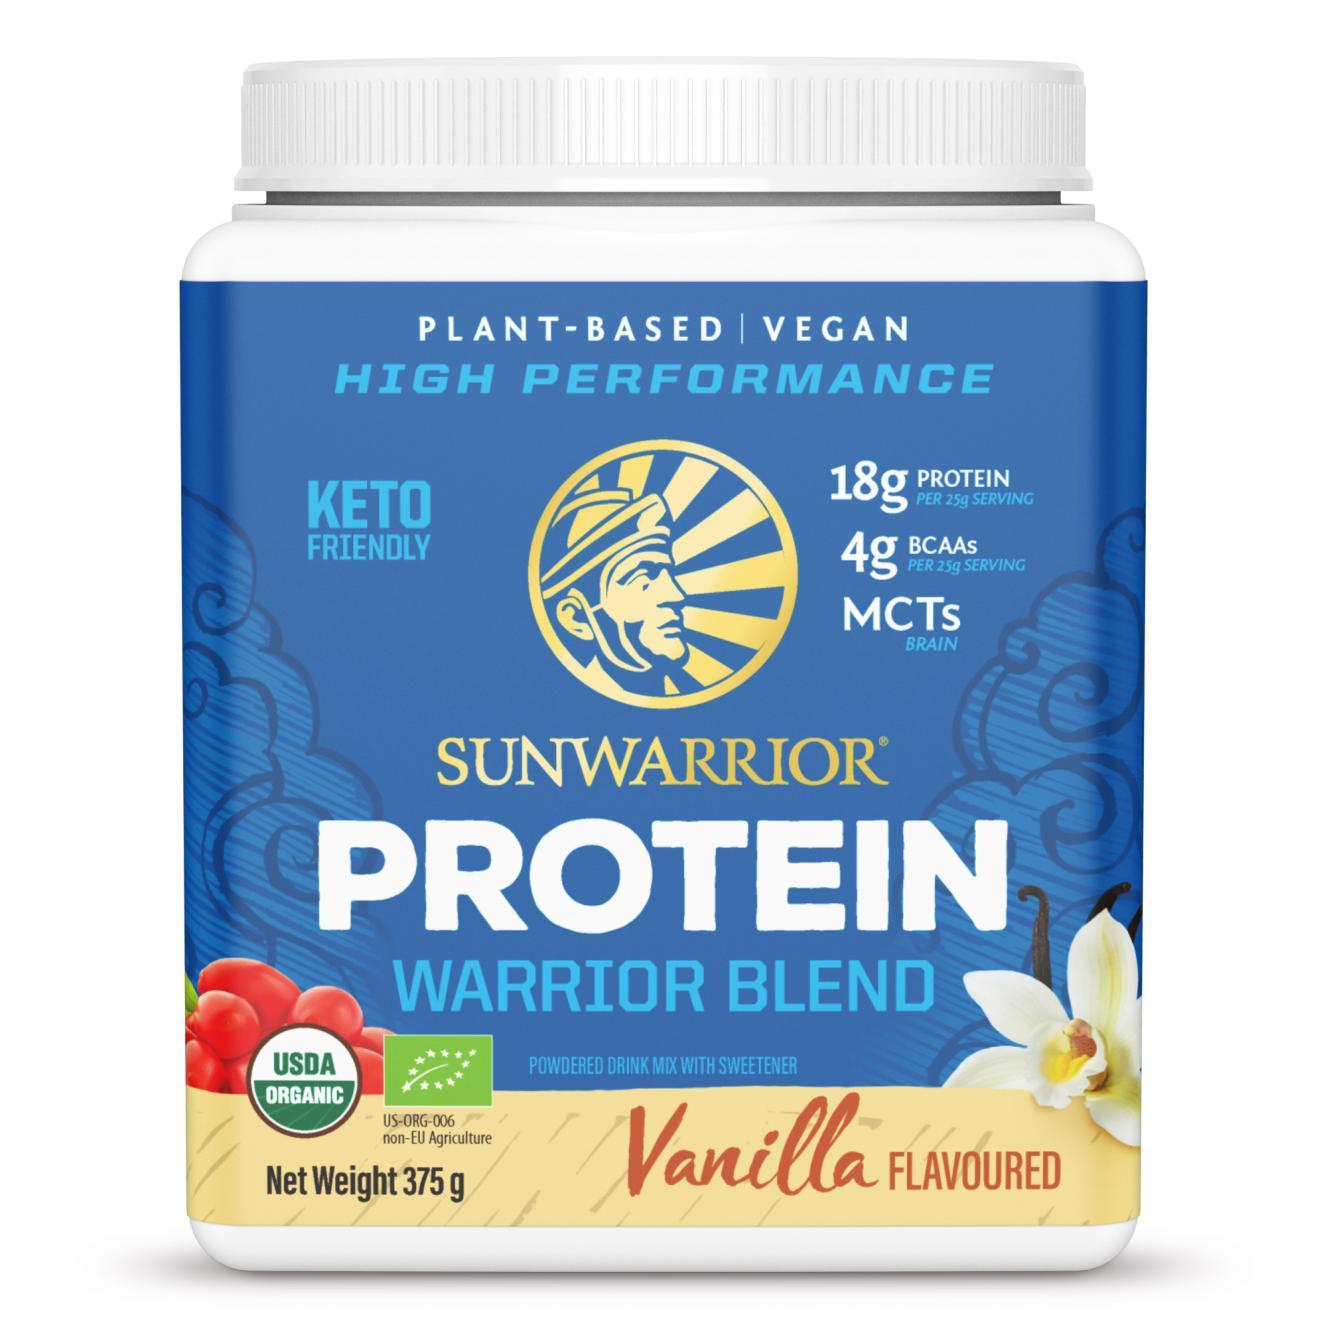 Protein Warrior Blend Vanilla 375g (Blue Tub)